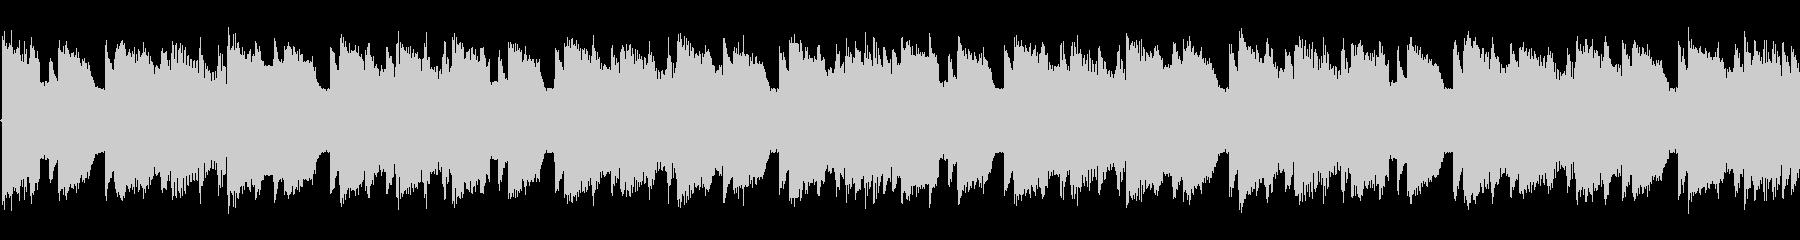 チップチューンの軽快な短いループ4の未再生の波形